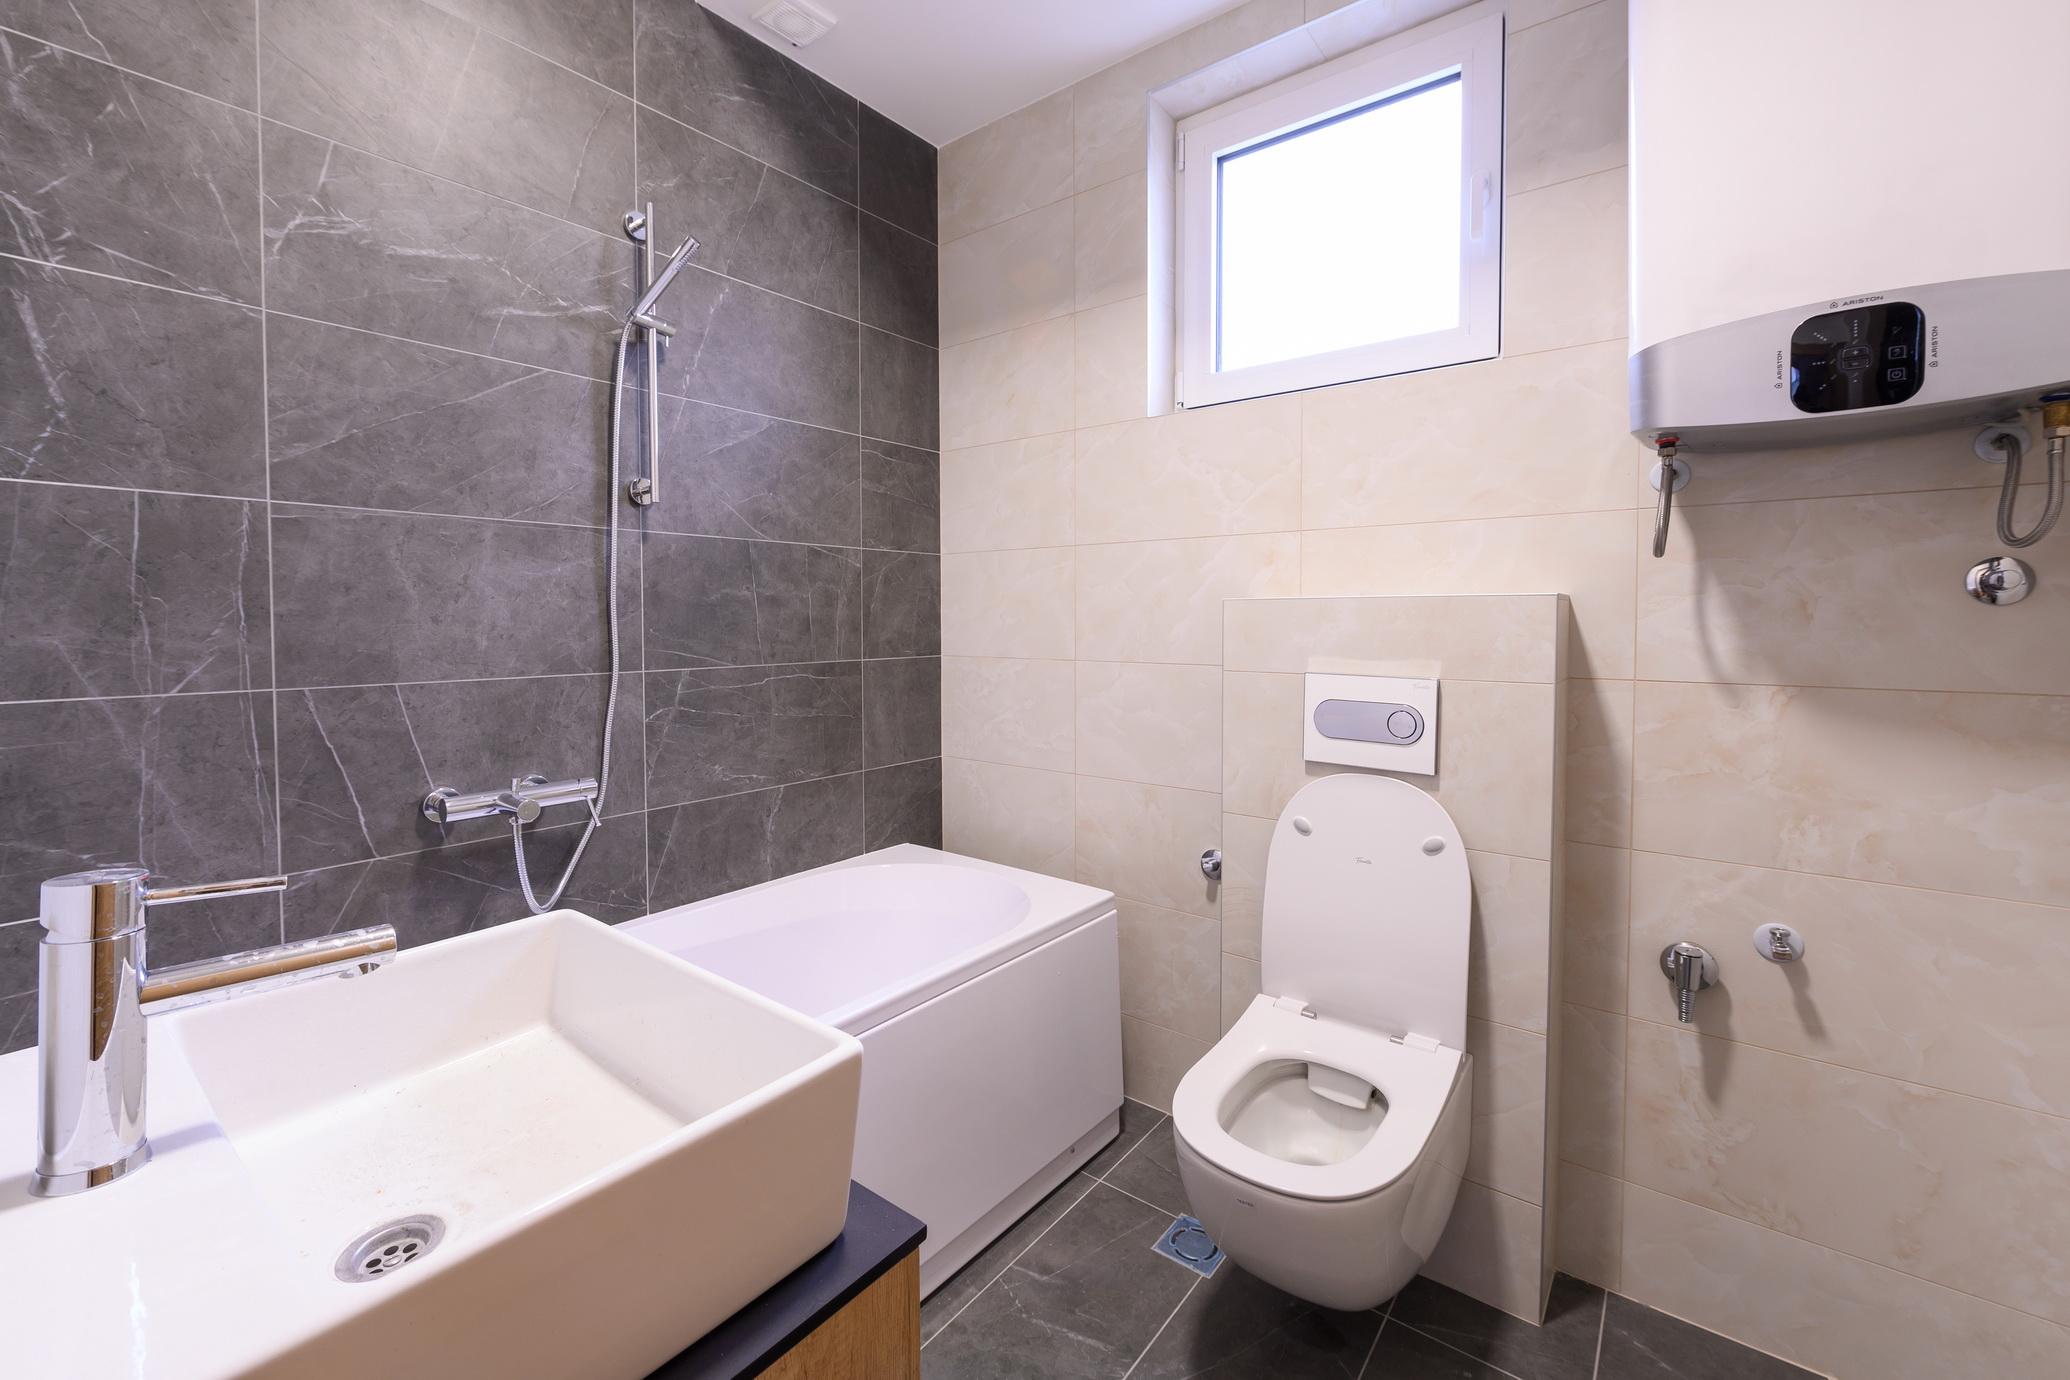 kupatilo-1.jpg